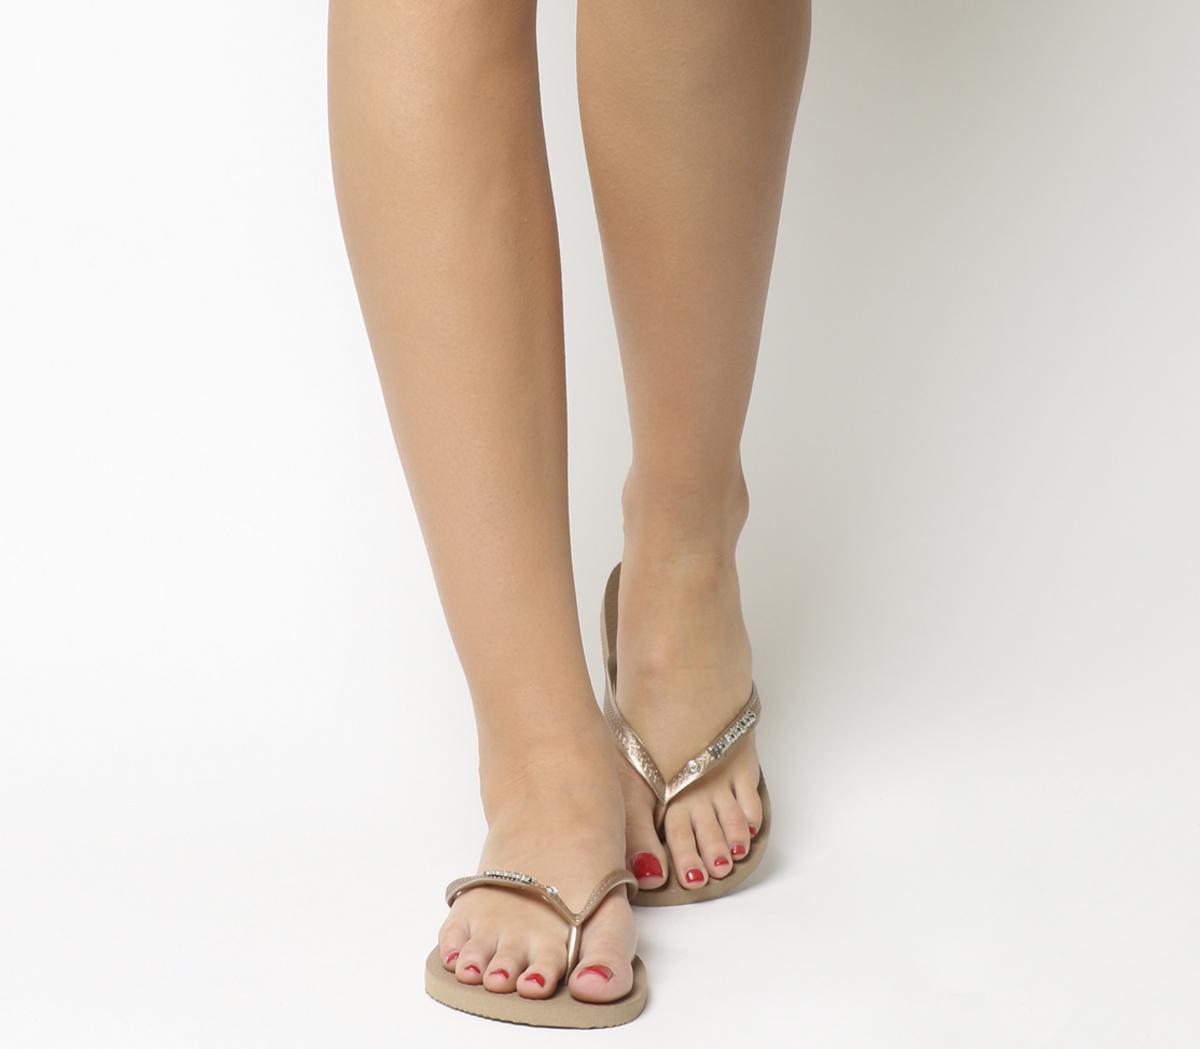 ab691b32be03 Havaianas Slim Metal Crystal Flip Flops Rose Gold - Sandals